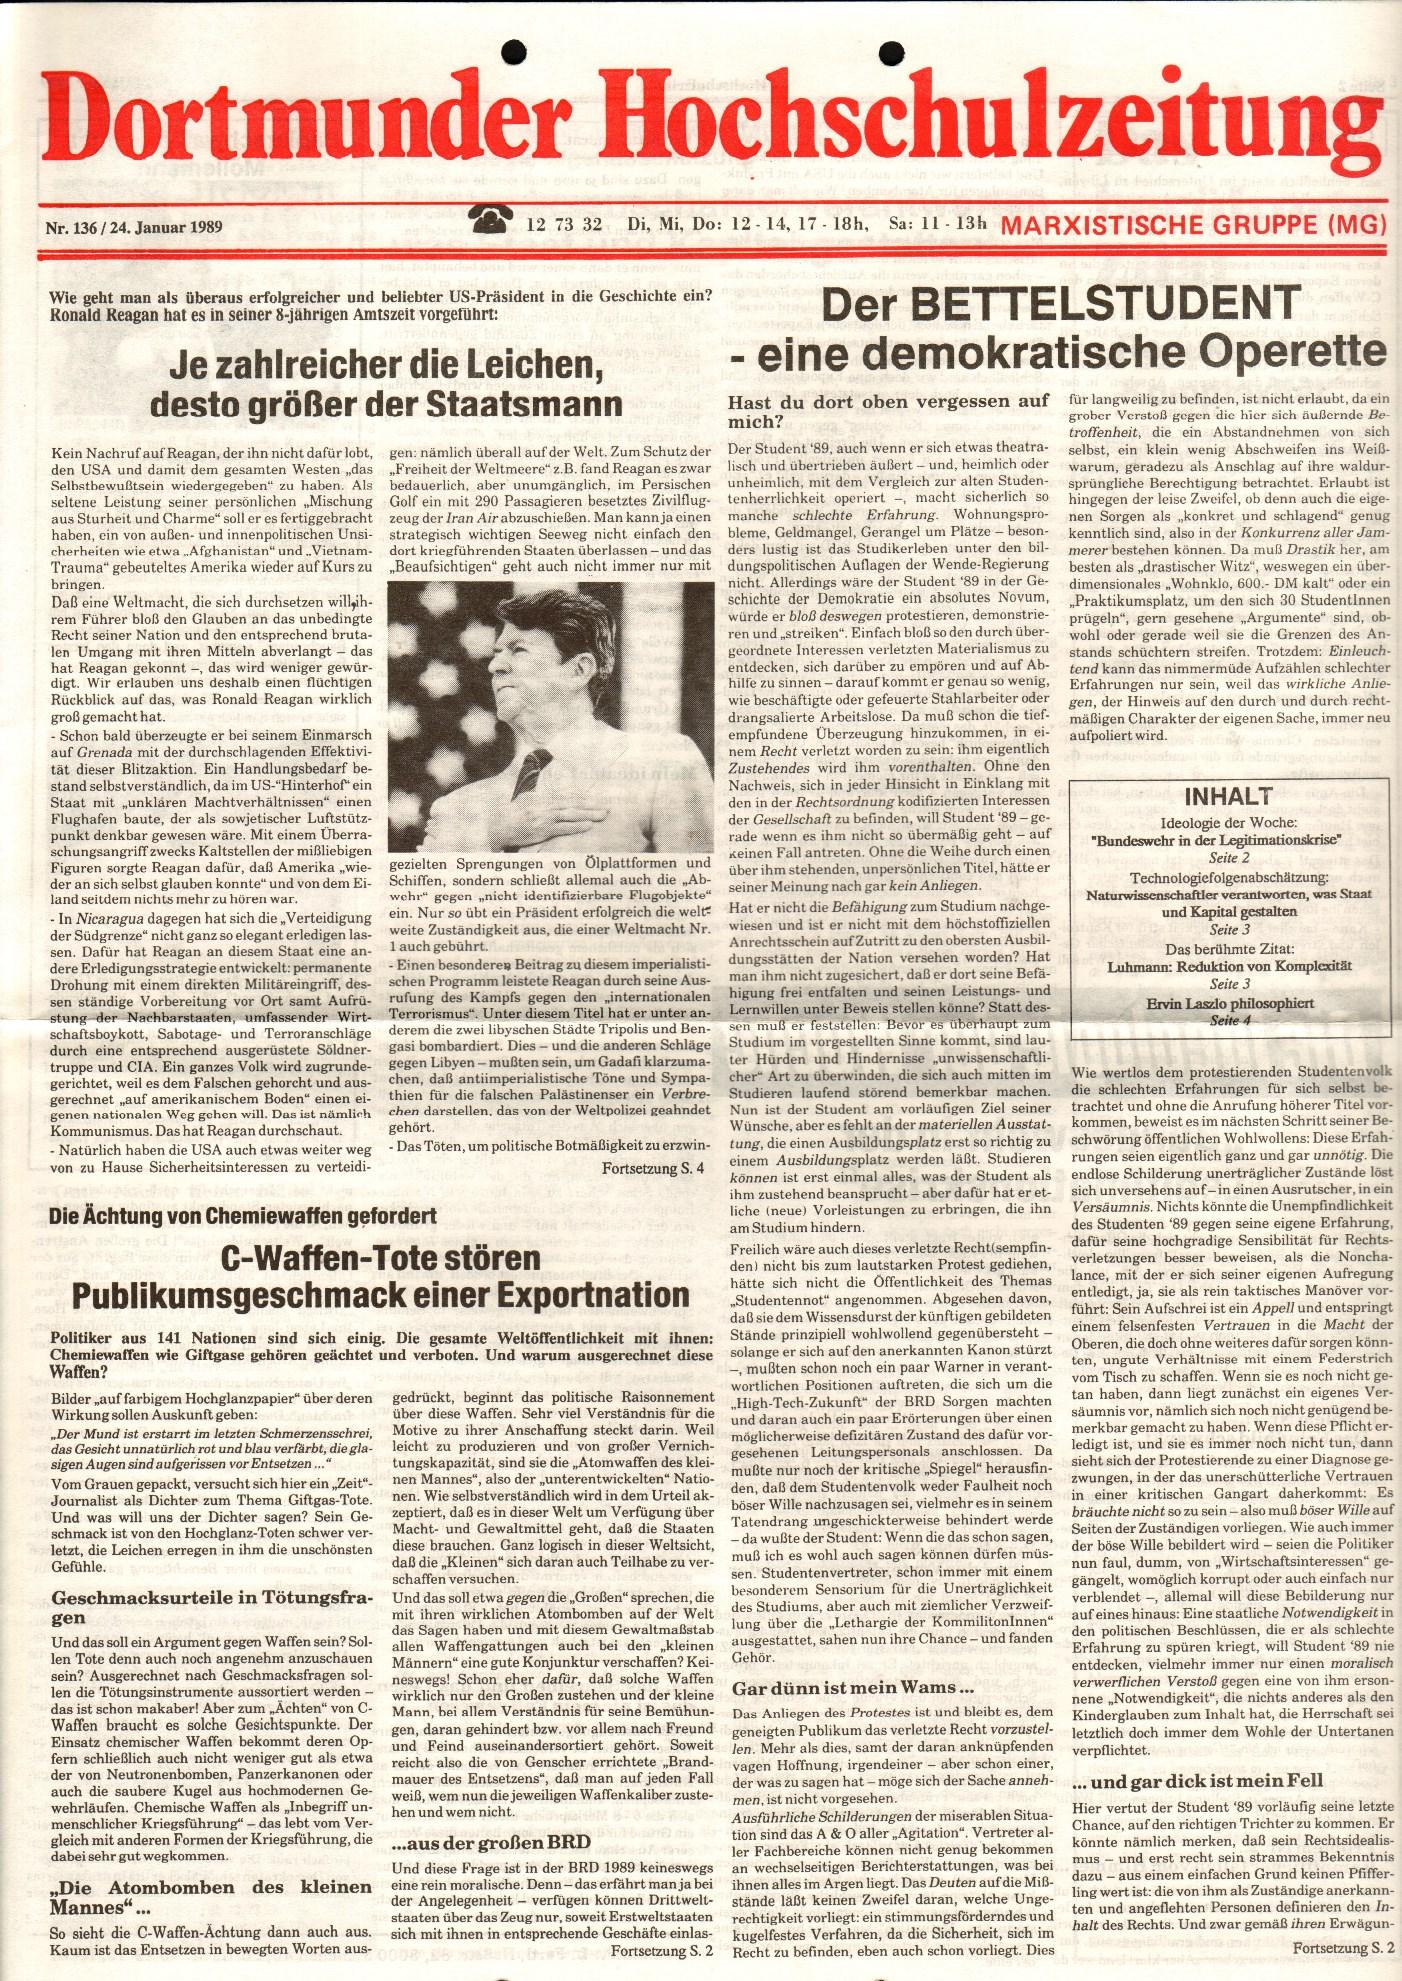 MG_Dortmunder_Hochschulzeitung_19890124_01